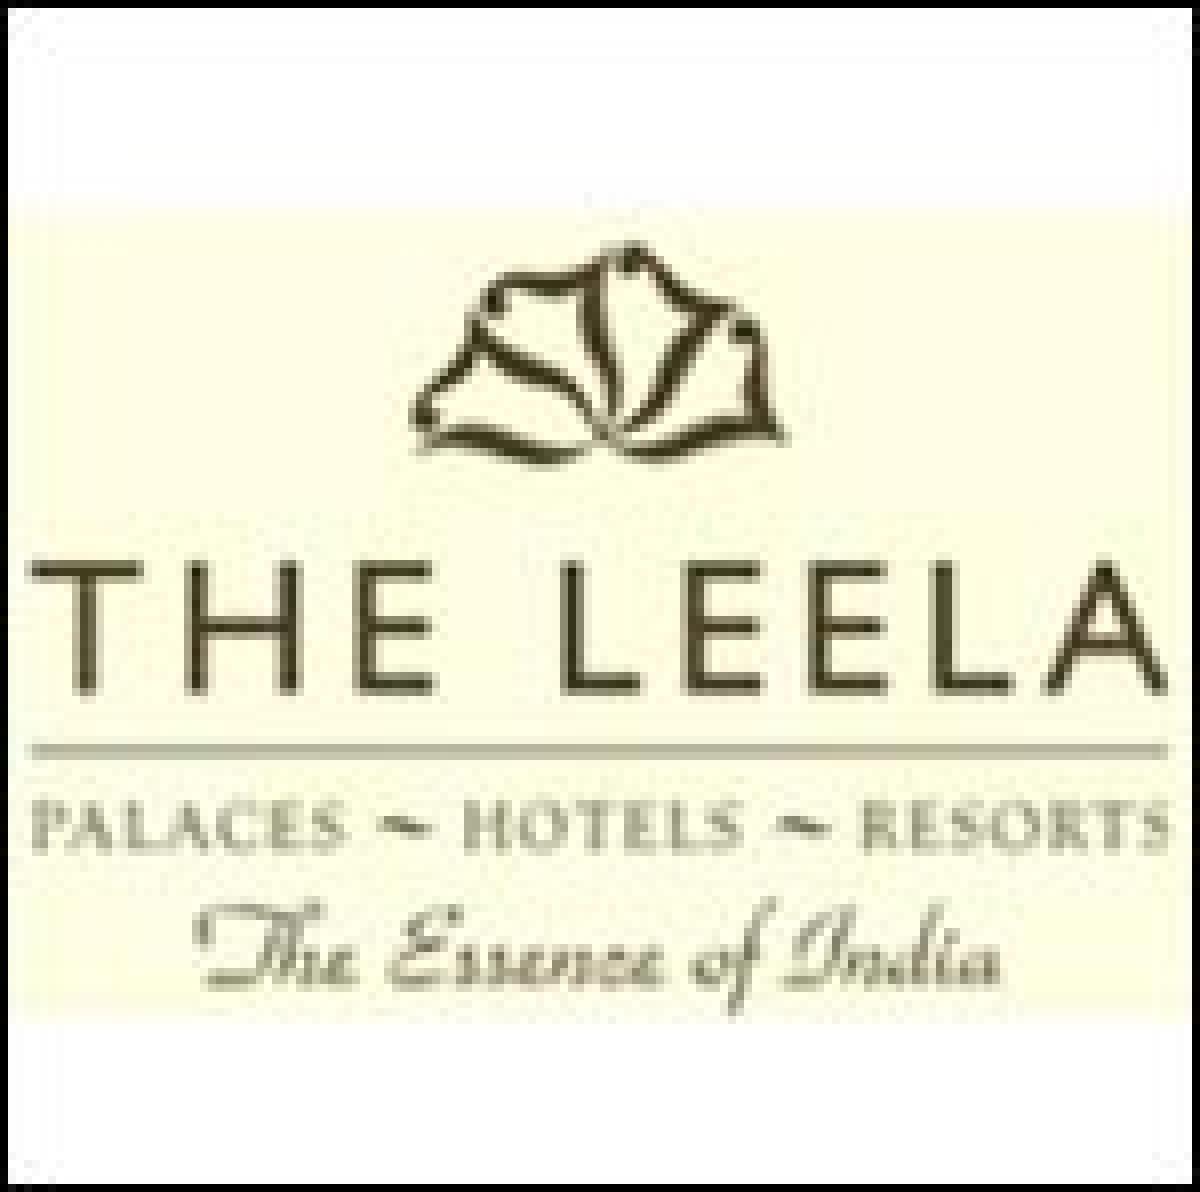 Bates 141 wins Leela Delhi's restaurant business